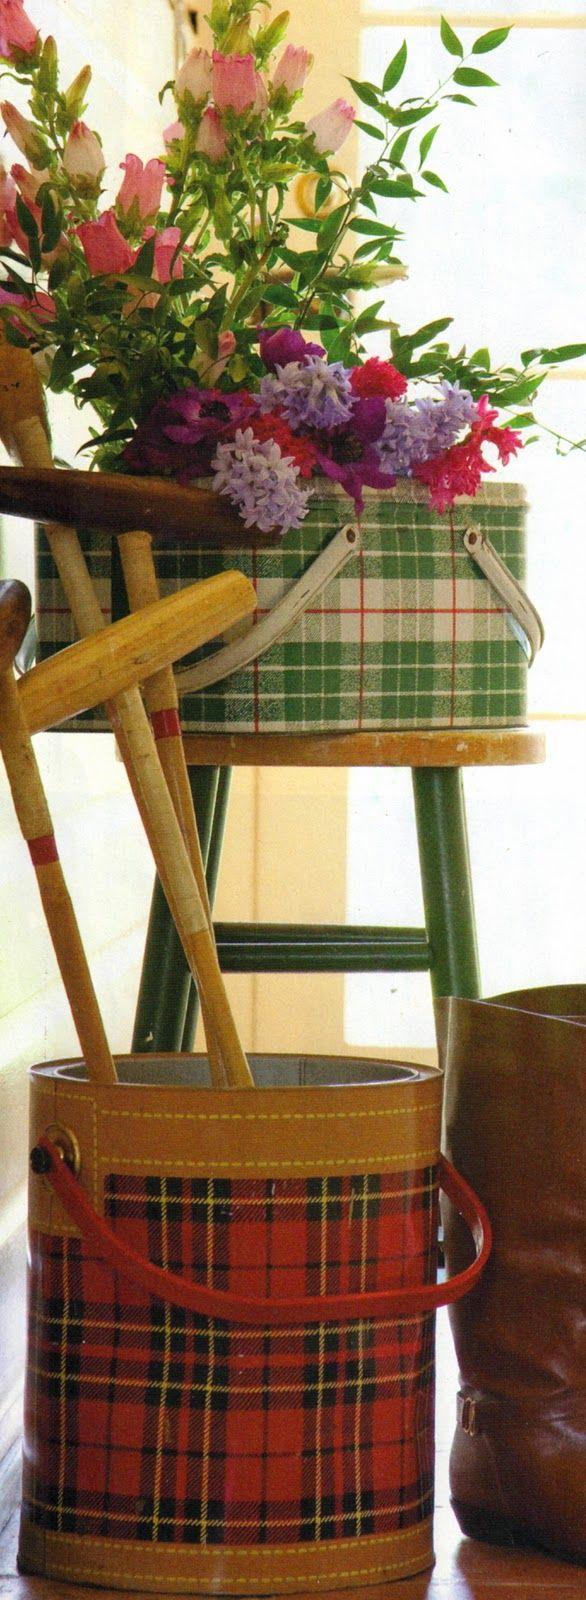 .@Michele Morales Rose vintage picnic basket cooler